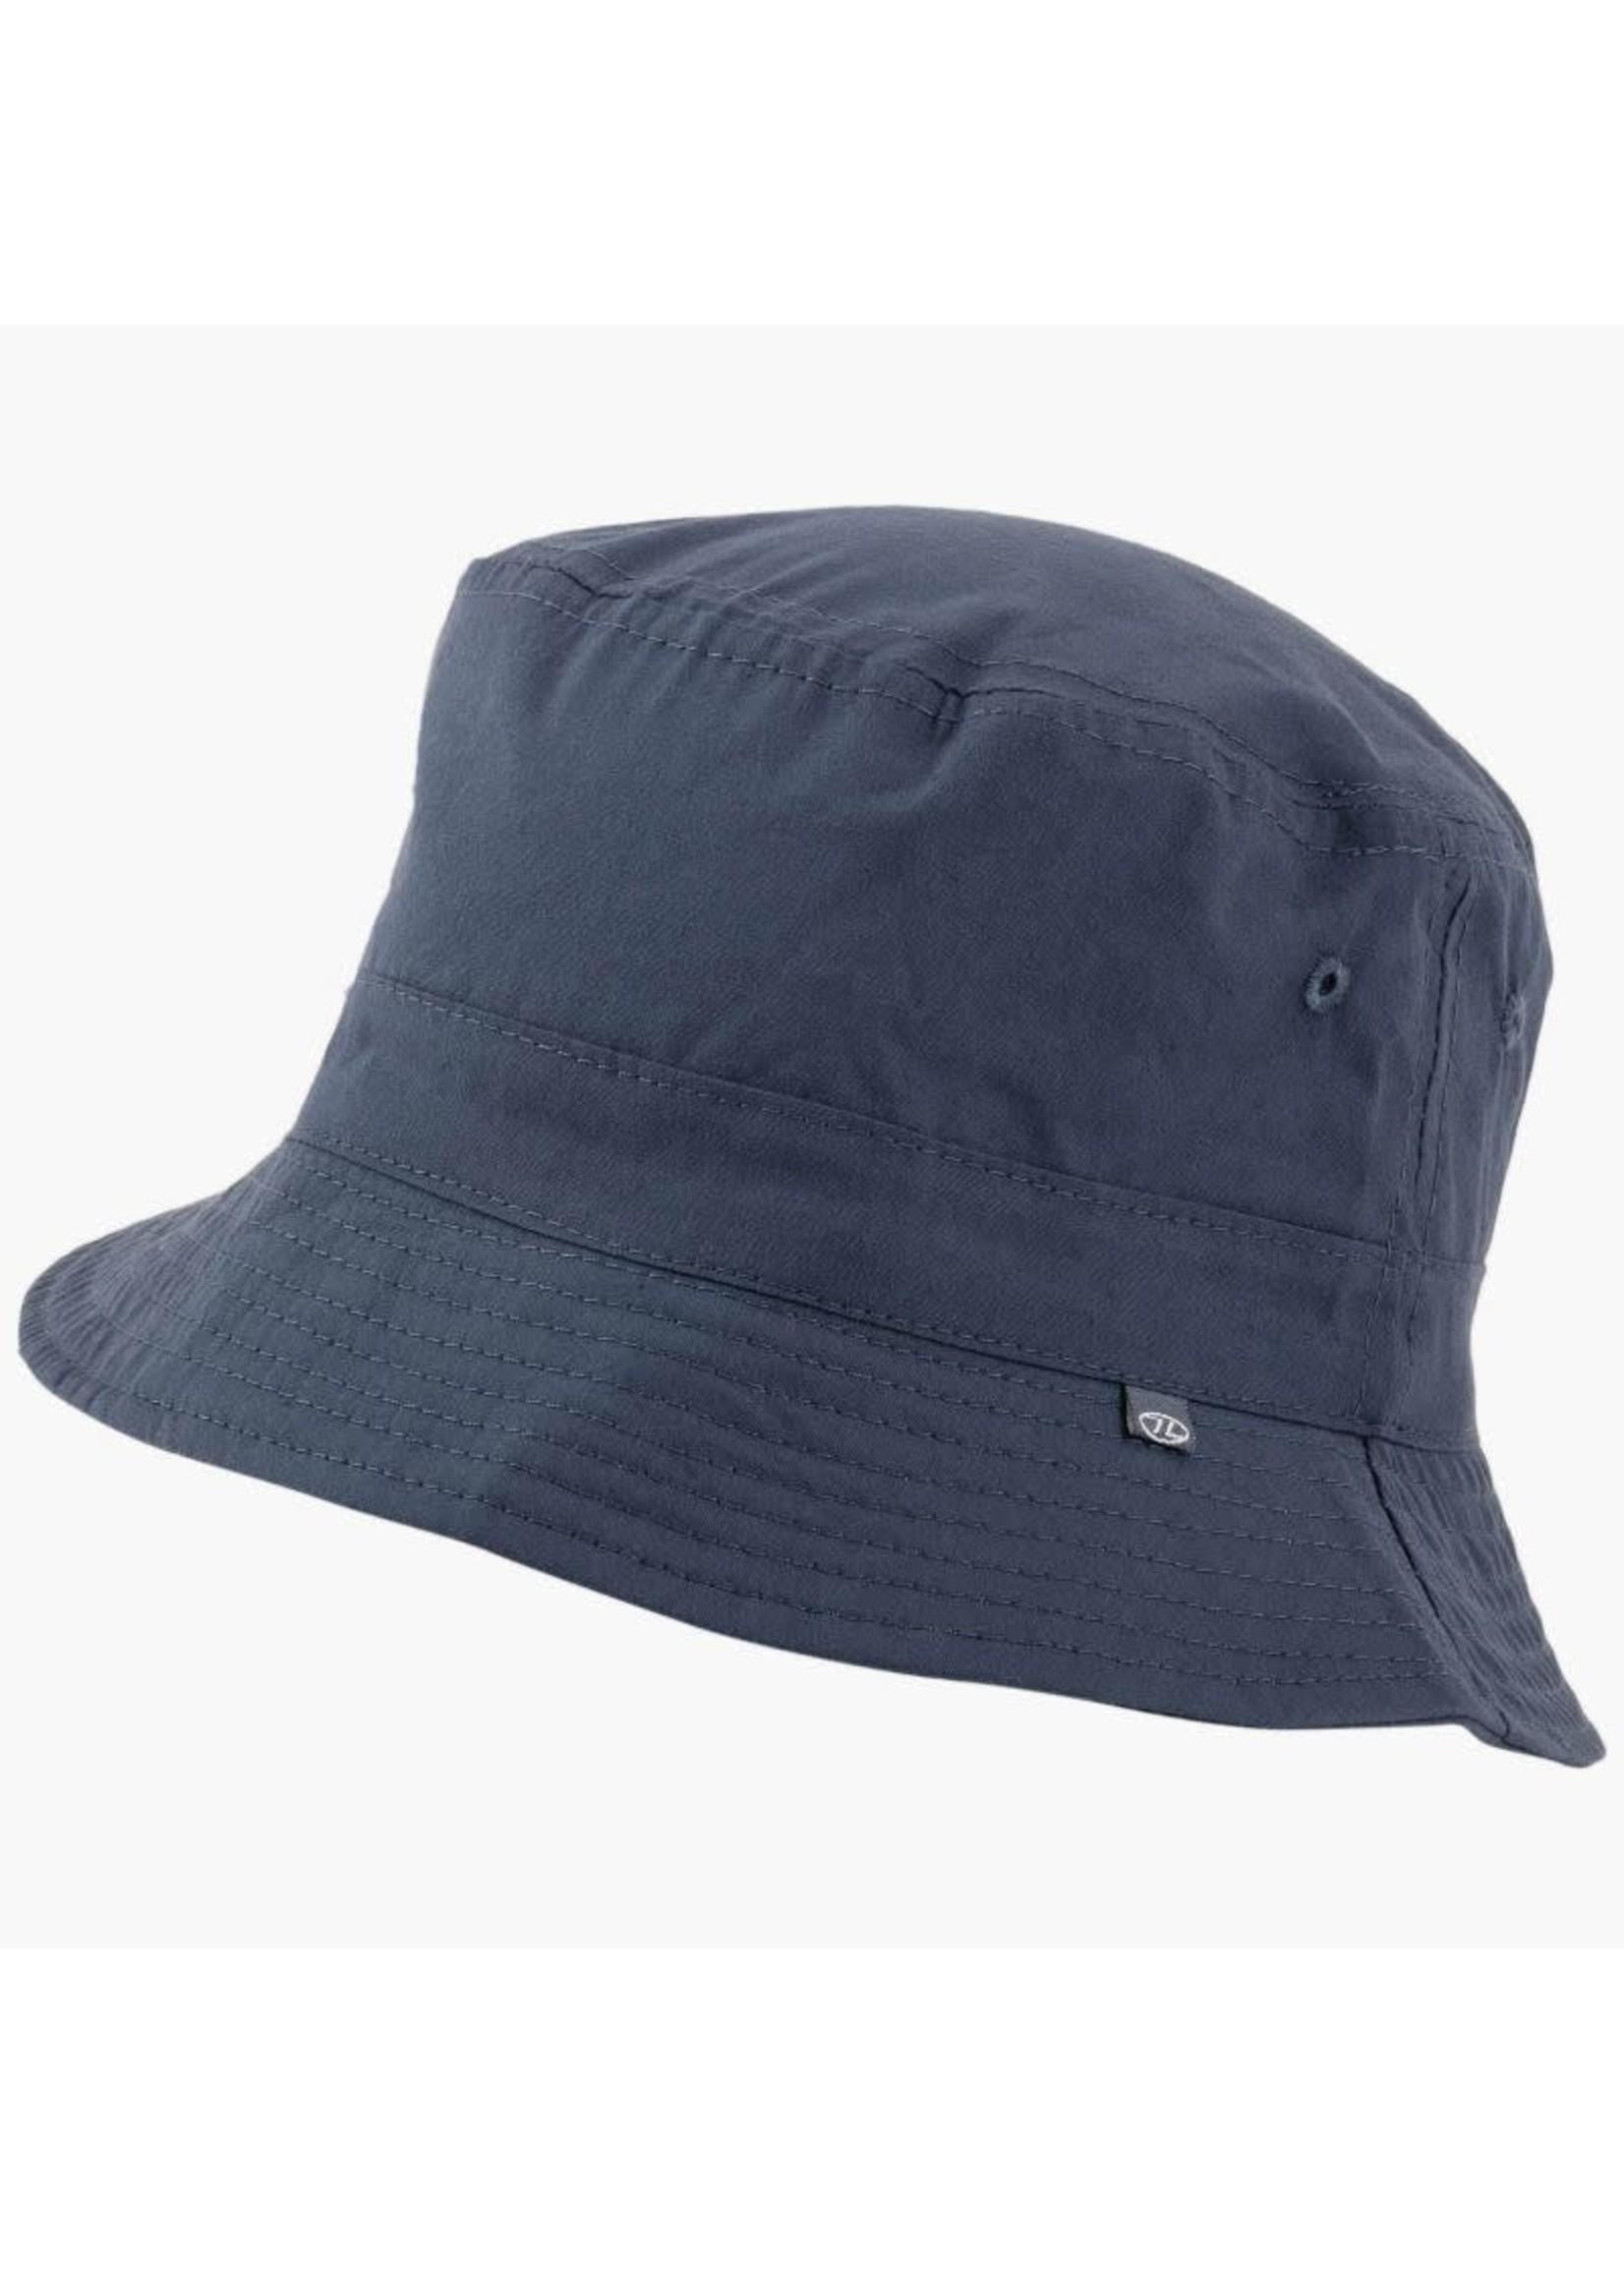 Highlander Highander Bucket Sun Hat (2021) - Navy